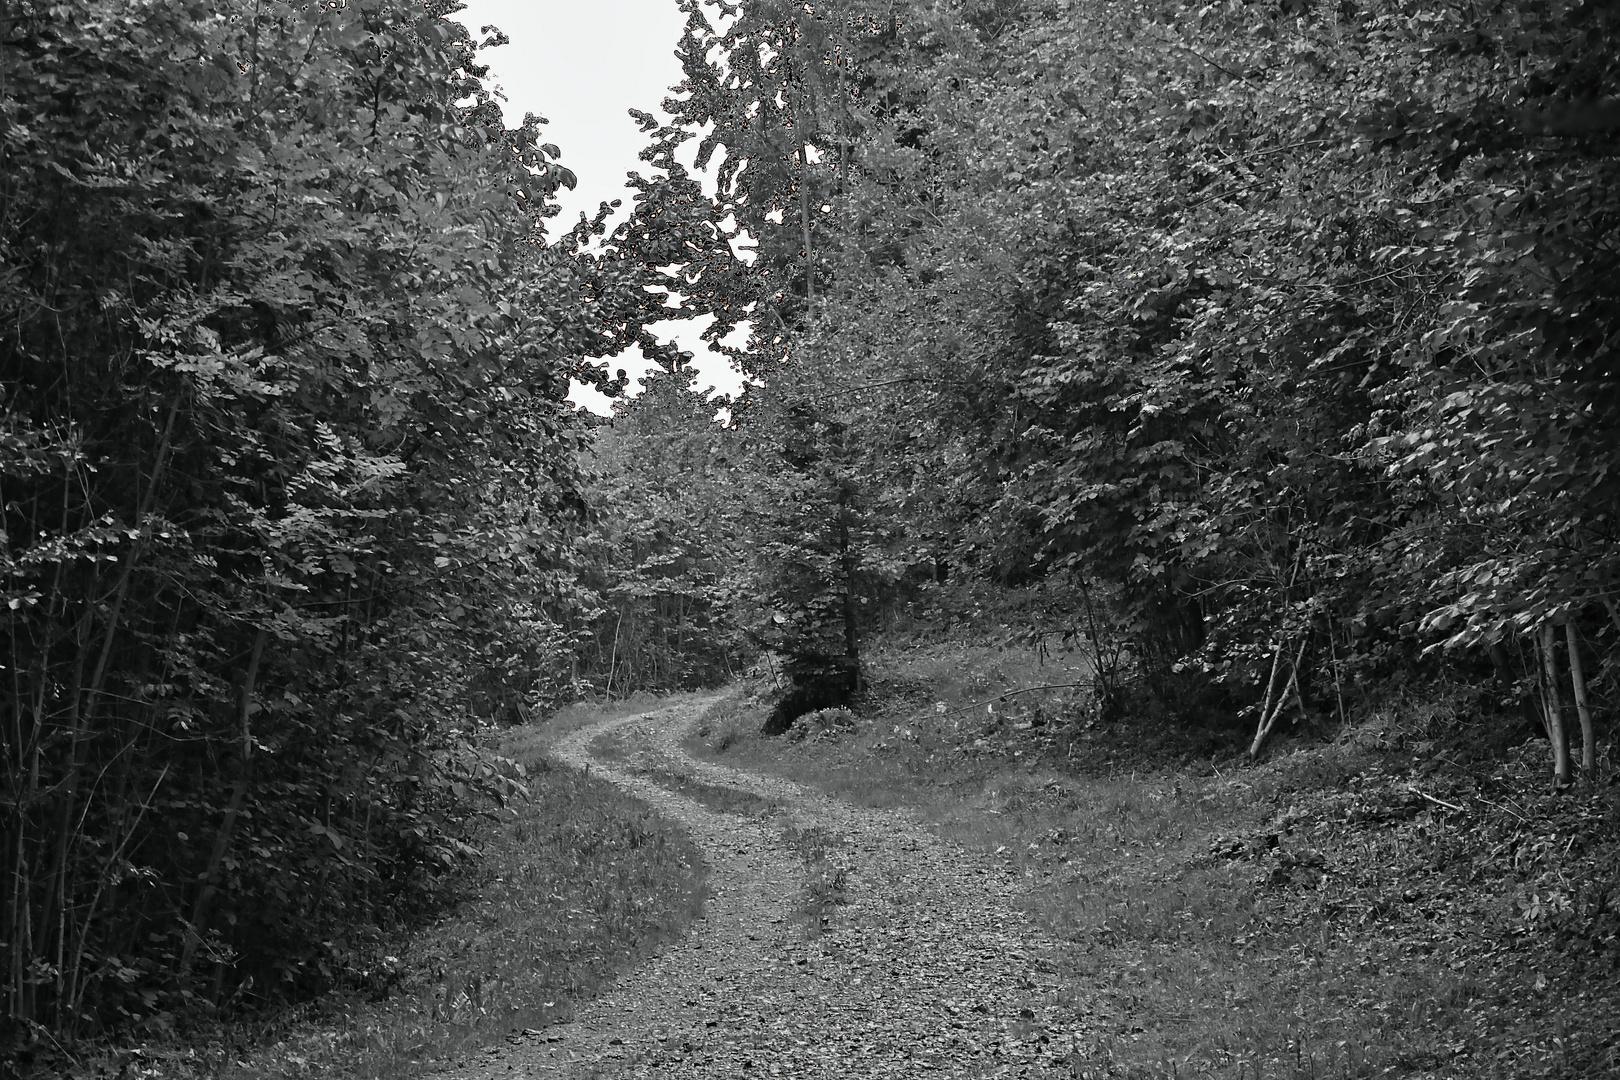 auif meinem Waldweg 1